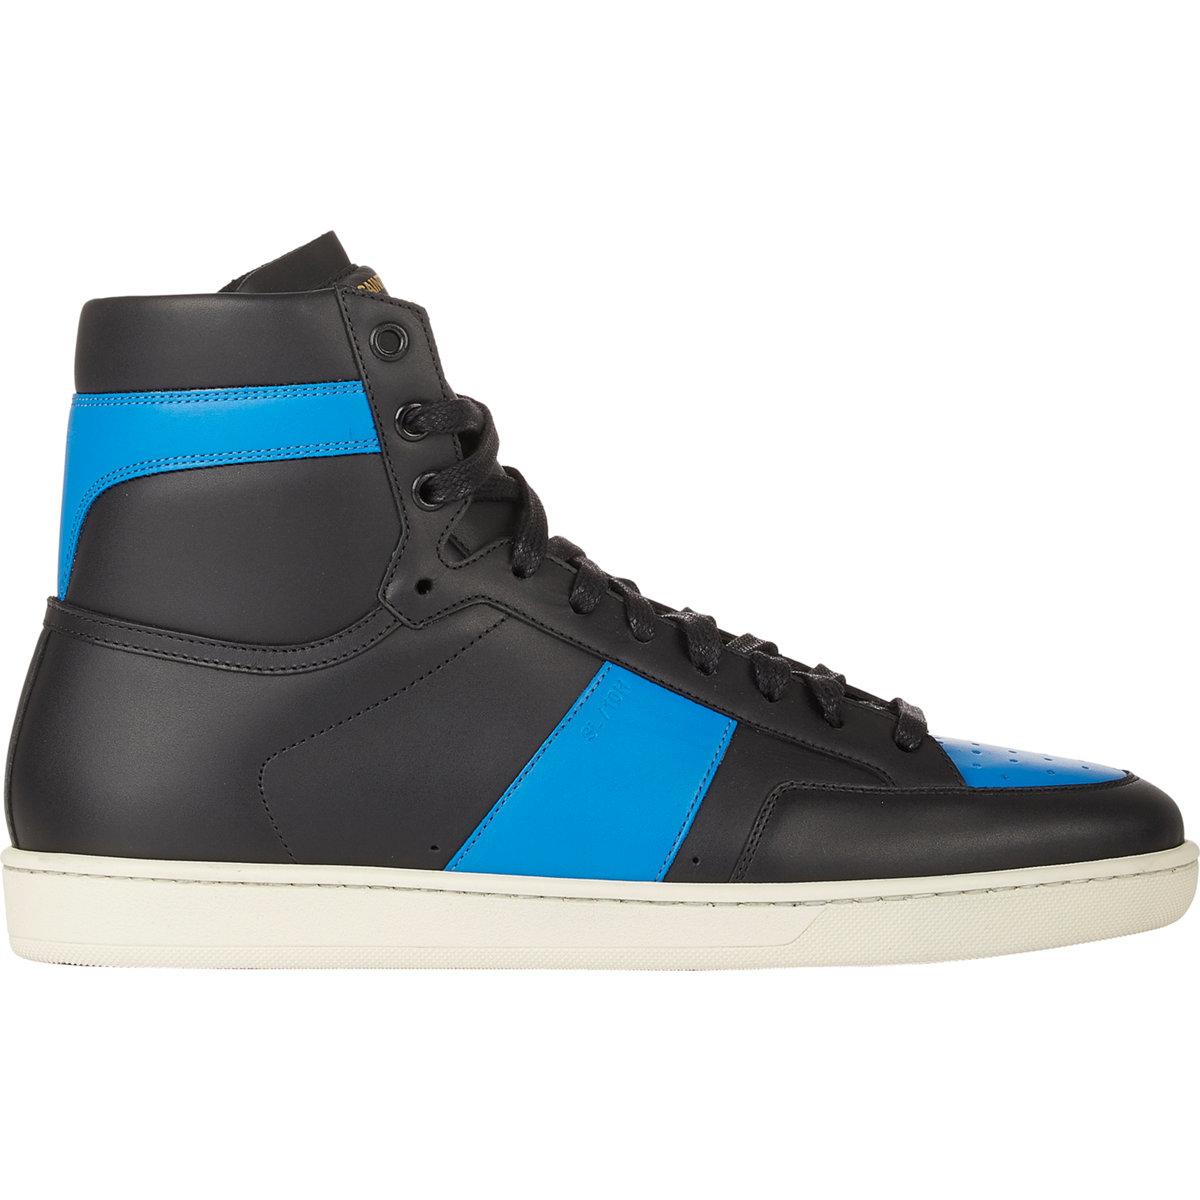 saint laurent leather high top sneaker in blue for men lyst. Black Bedroom Furniture Sets. Home Design Ideas